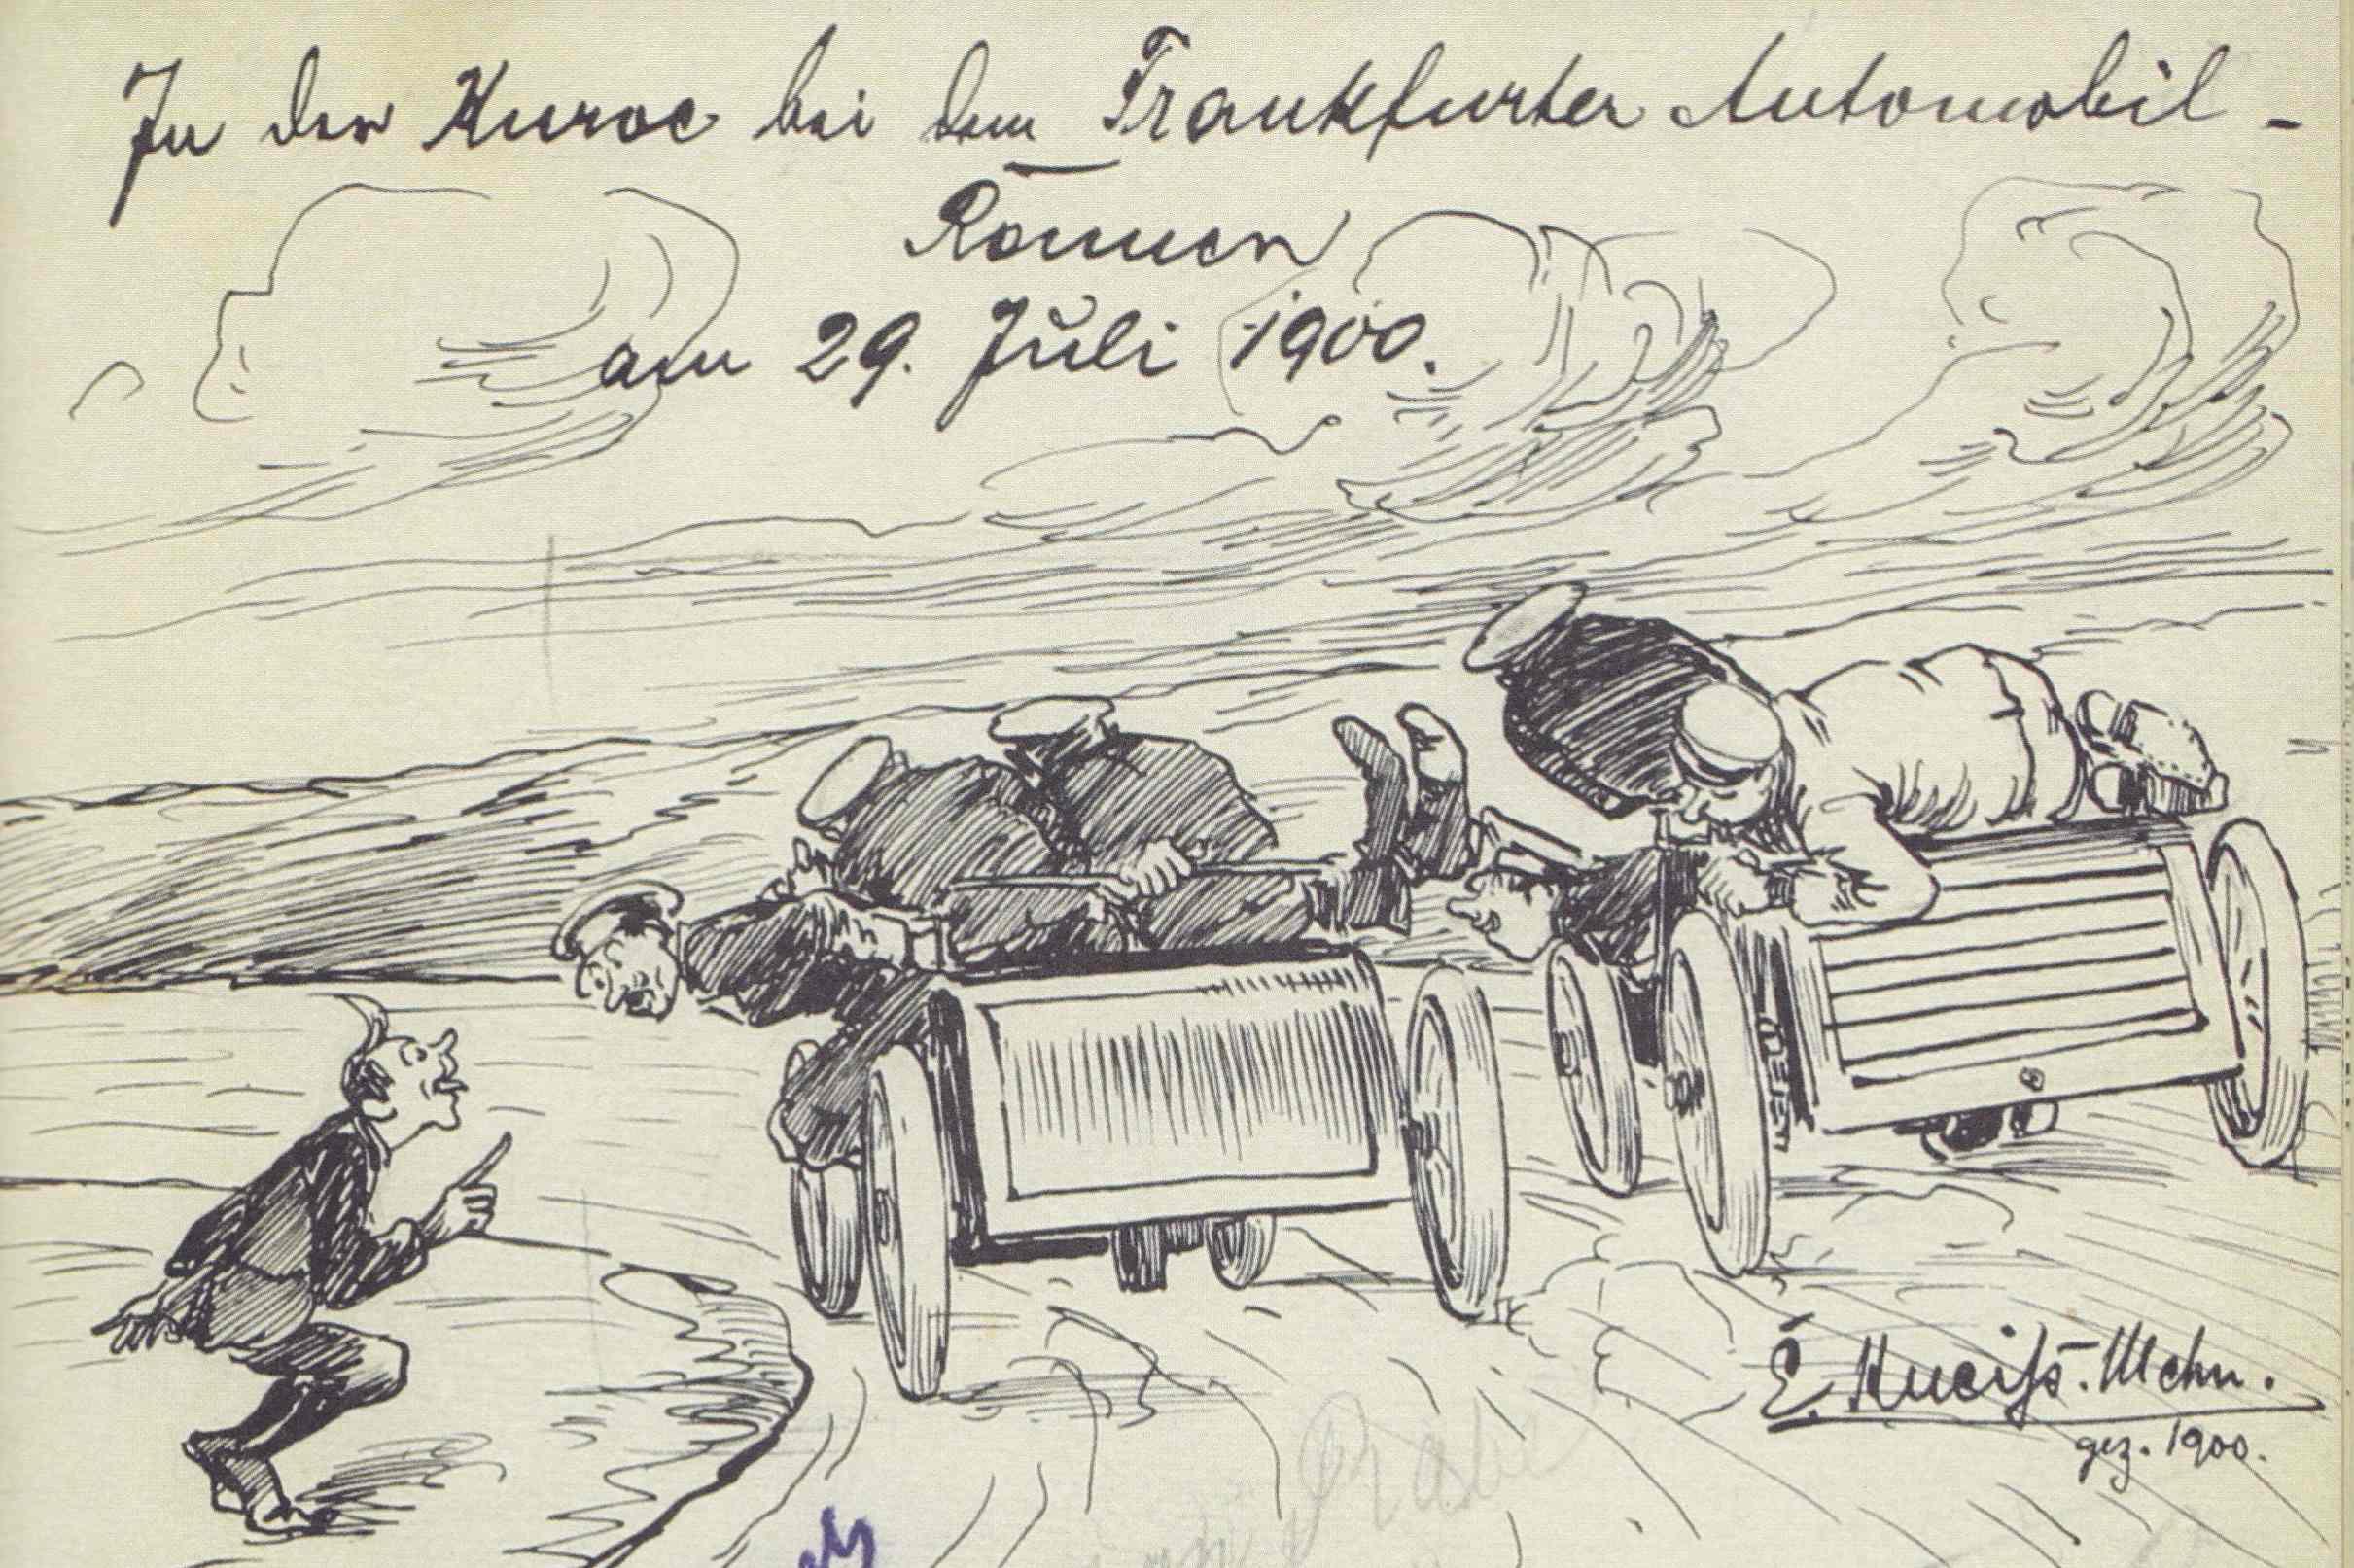 Am 29. Juli 1900 beim Frankfurter Automobil-Rennen (Zeichnung aus dem Schnauferl-Buch)